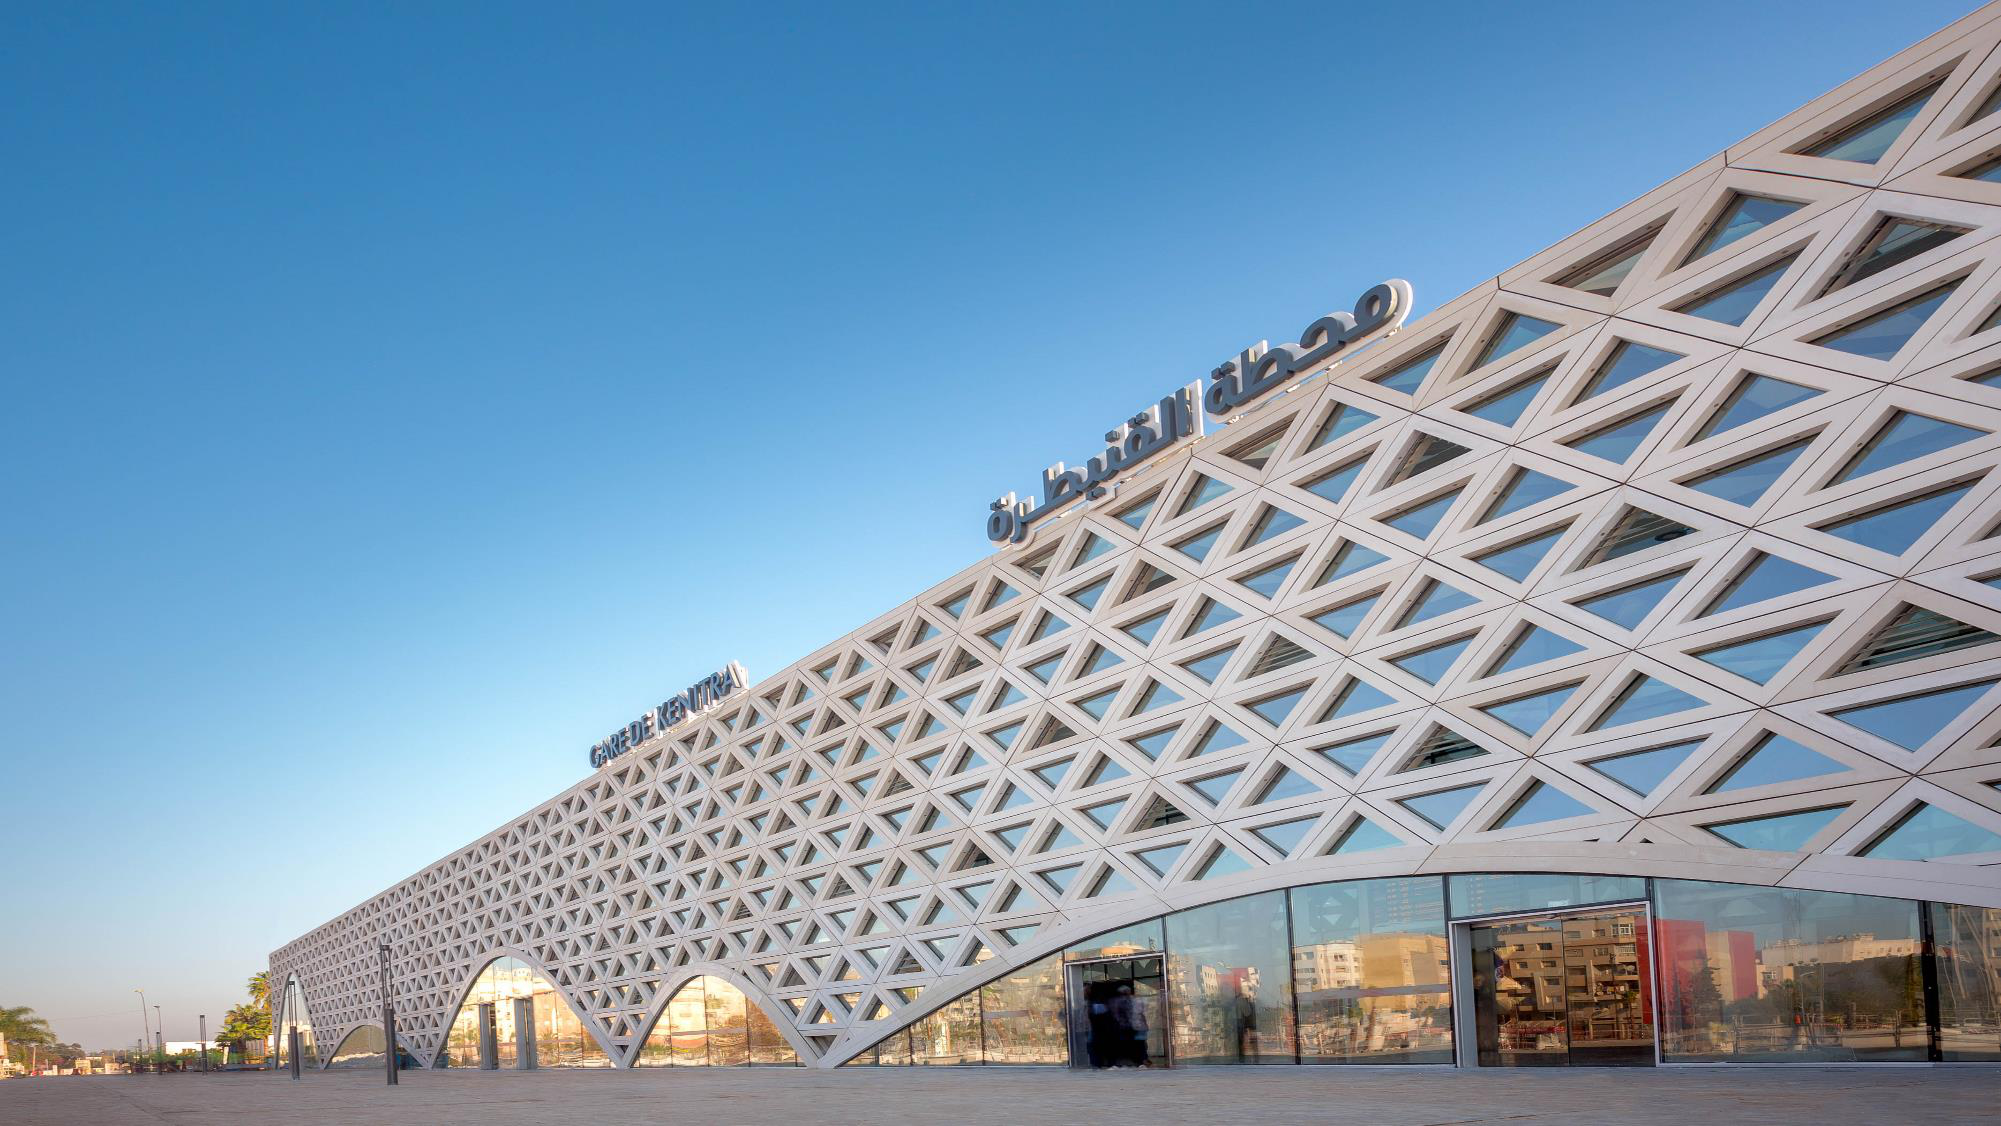 摩洛哥的盖尼特拉火车站 uhpc亚搏app下载官方网站